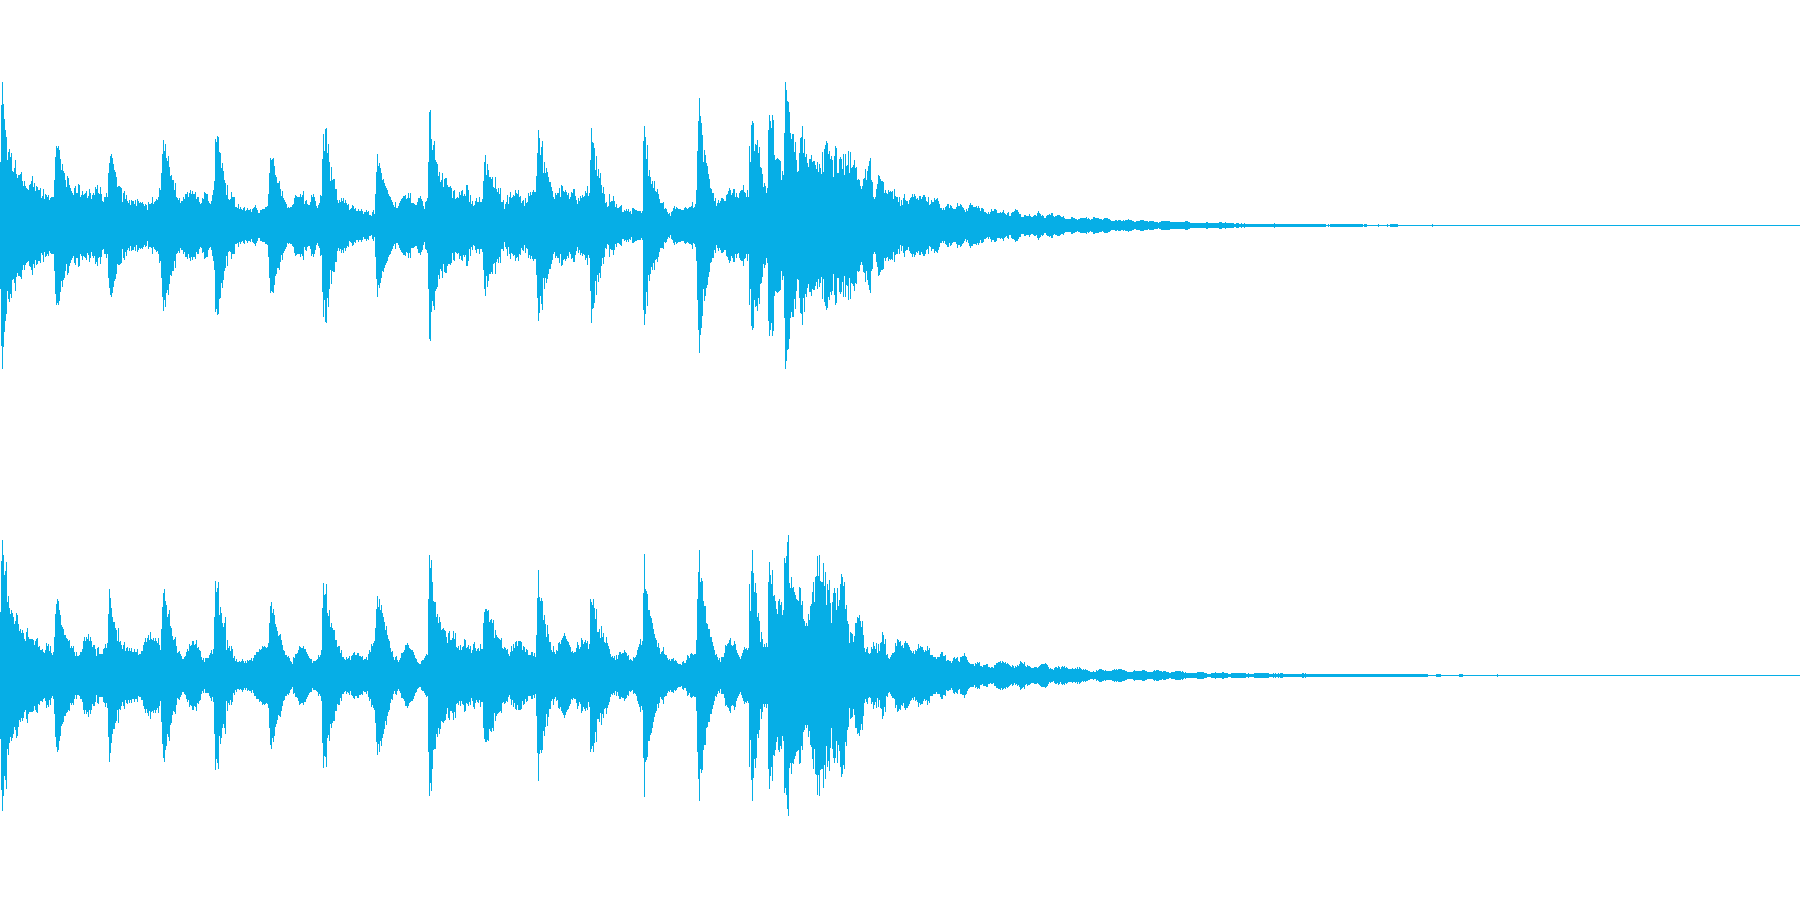 氷・クリスタルイメージの通知音の再生済みの波形